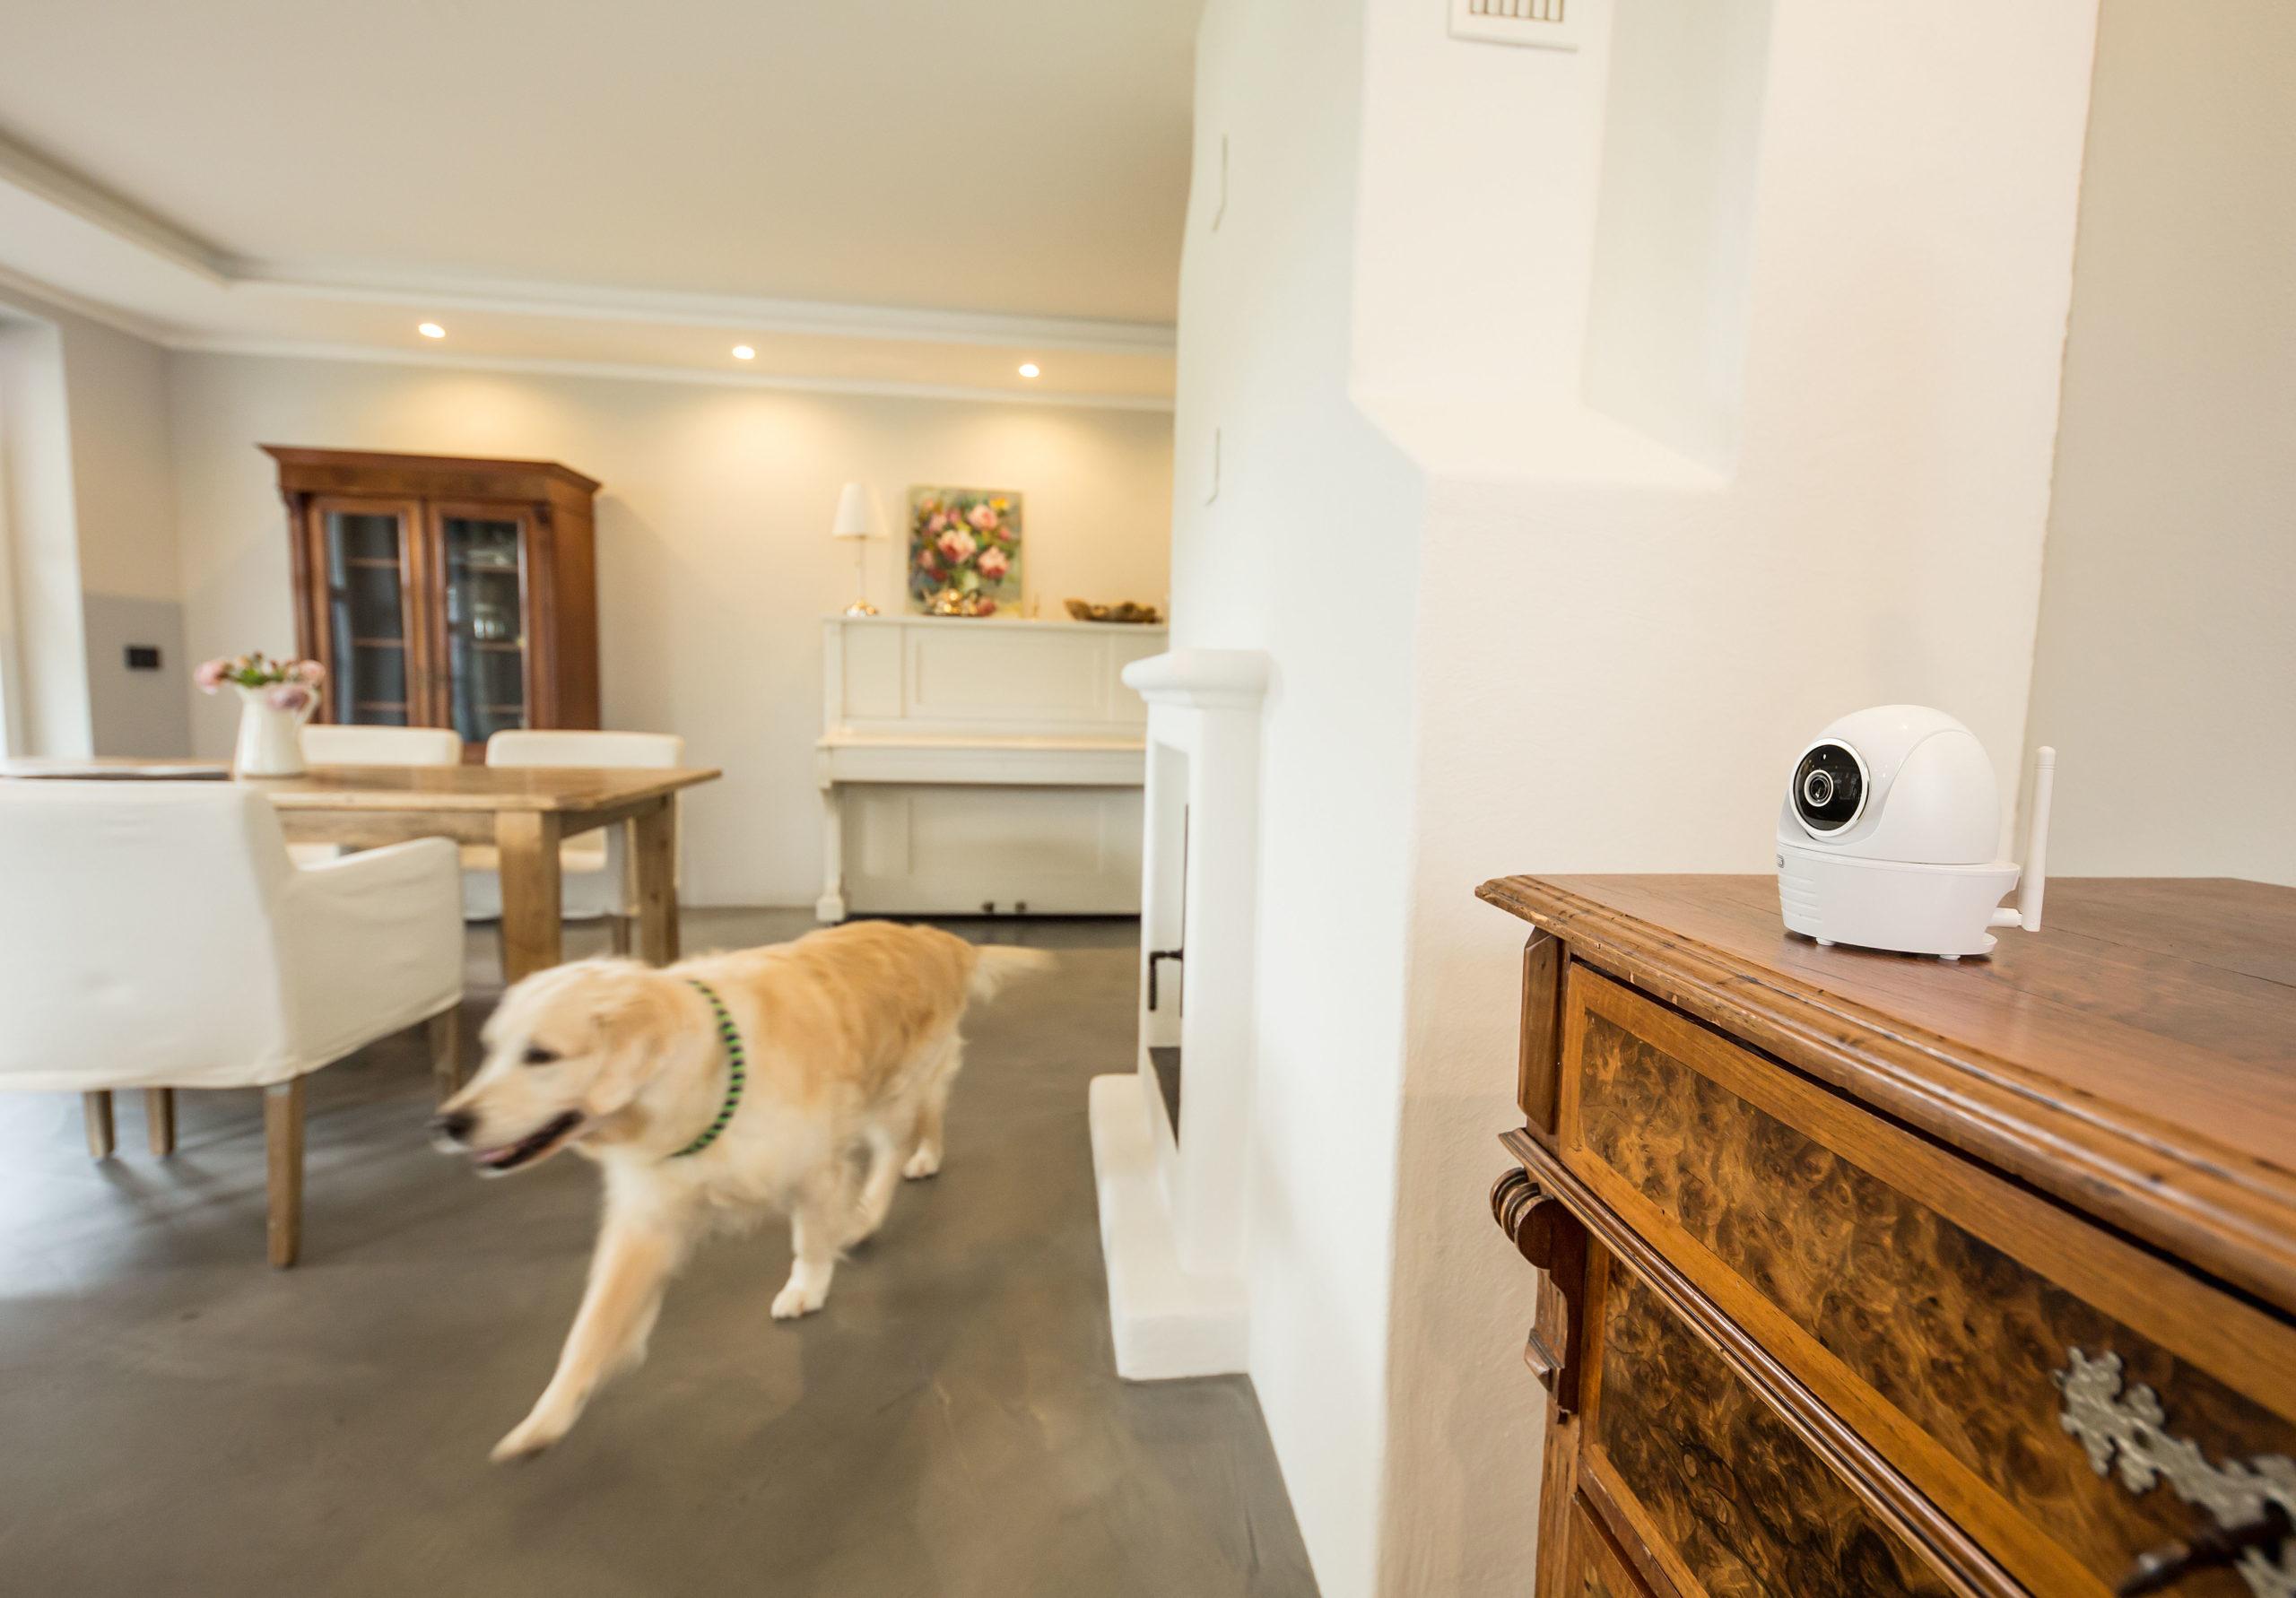 Hund und Katze alleine zu Hause mit IP Kamera immer im Blick